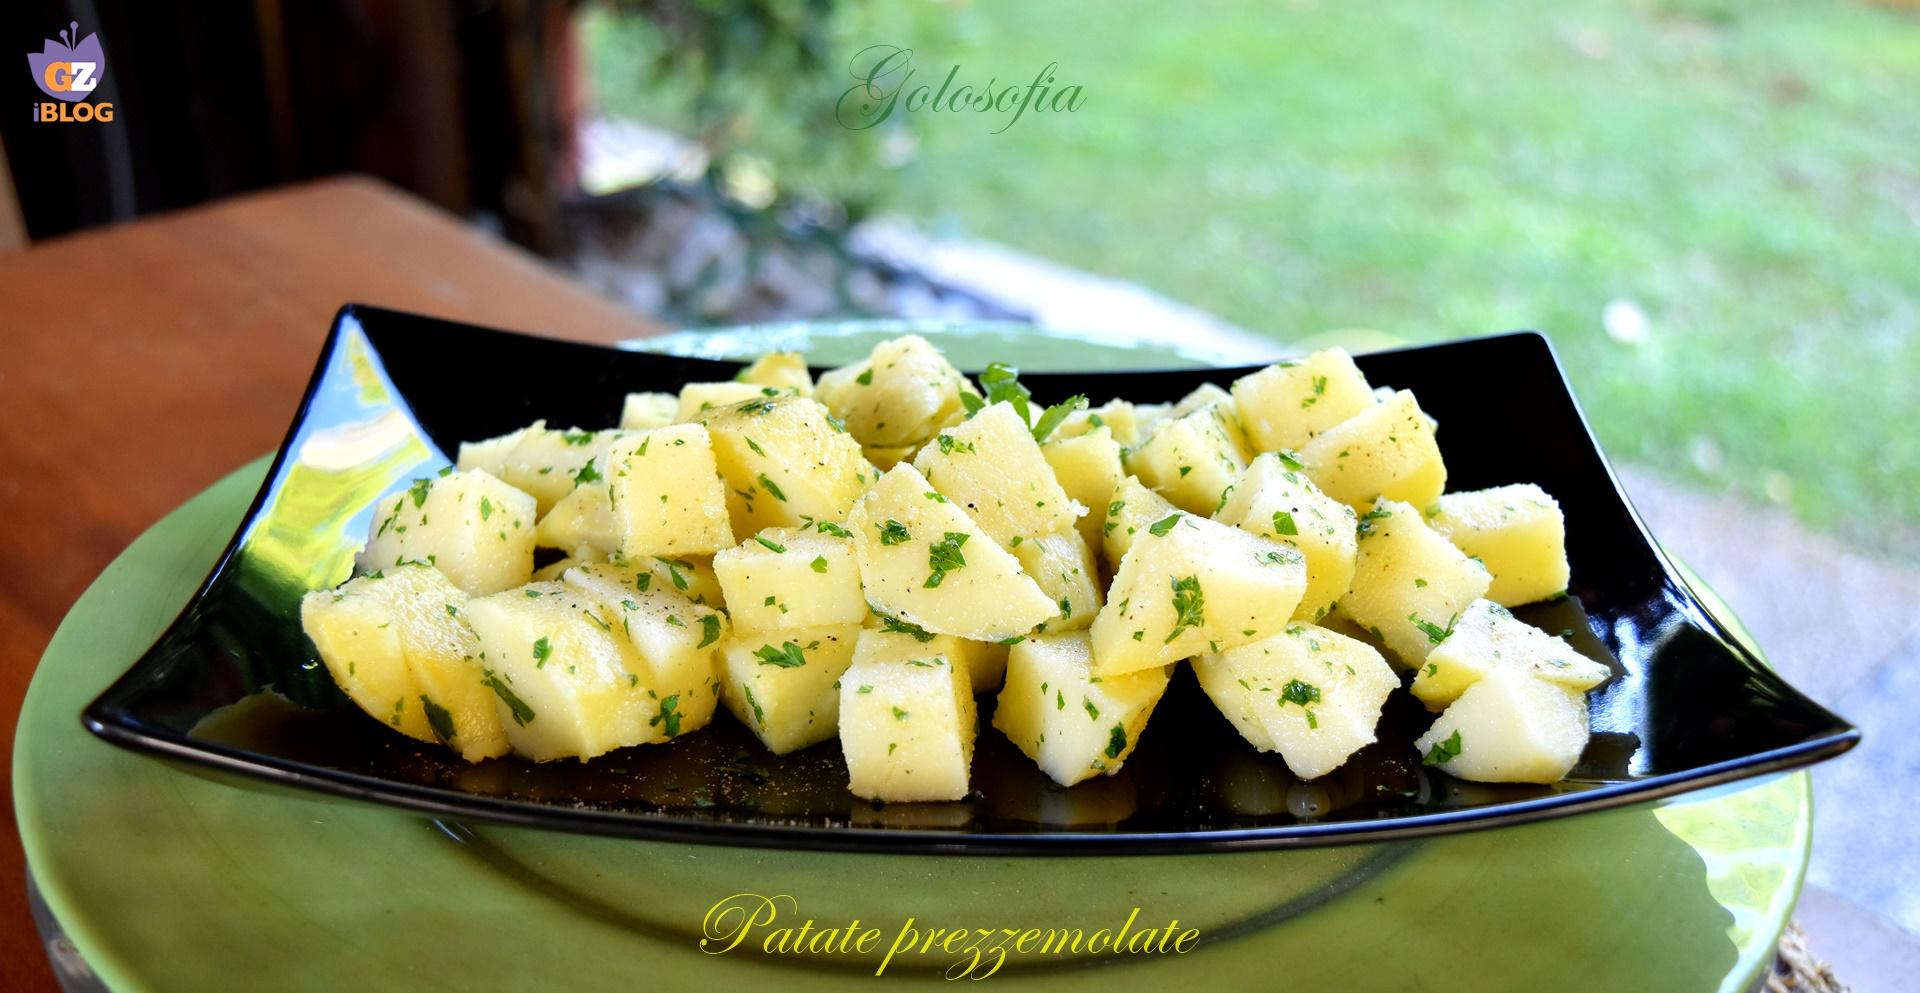 Patate prezzemolate, ricetta leggera contorni